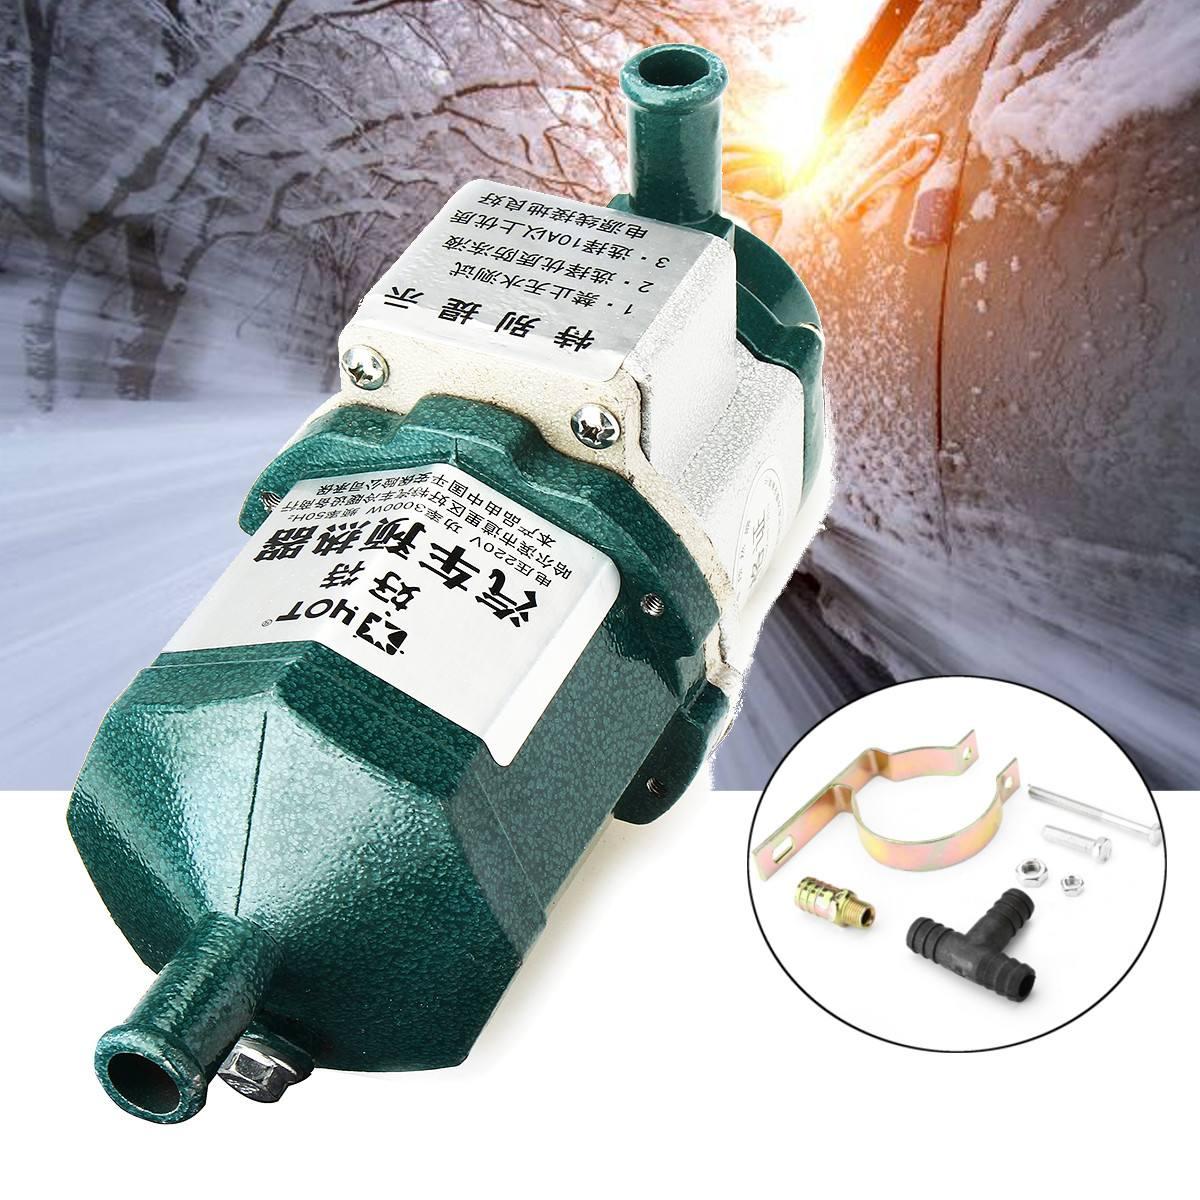 Voiture électrique moteur voiture chauffage préchauffeur 220 V 2000 W Smart Parking moteur liquide préchauffeur voiture électrique appareils de chauffage